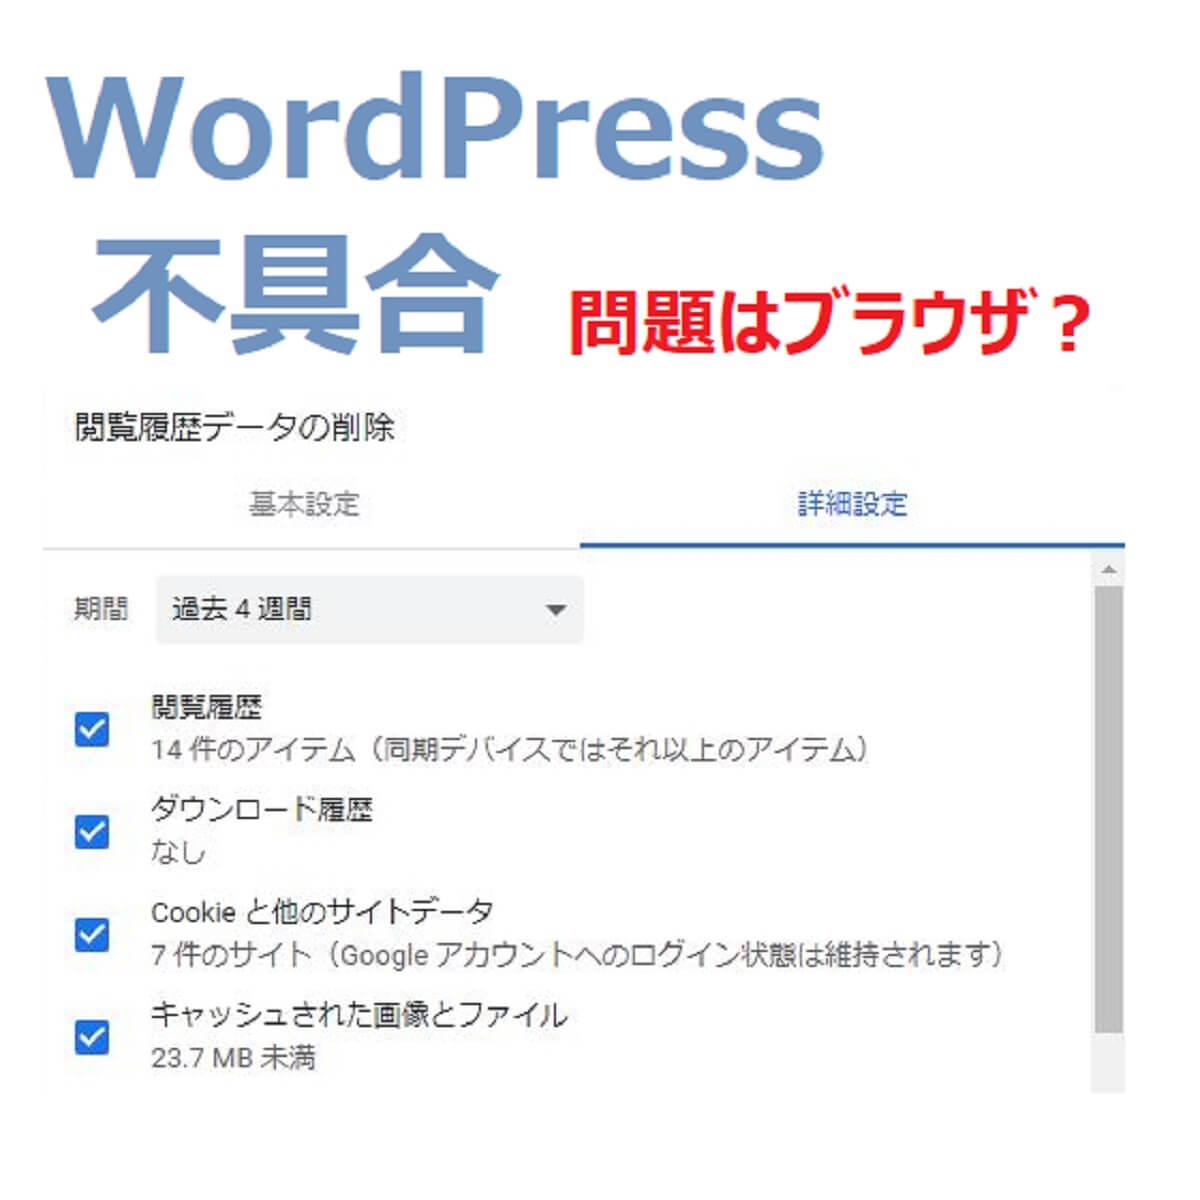 WordPressの不具合が一気に解決した話!リンク埋め込みが使えない・再利用ブロックがおかしいなど